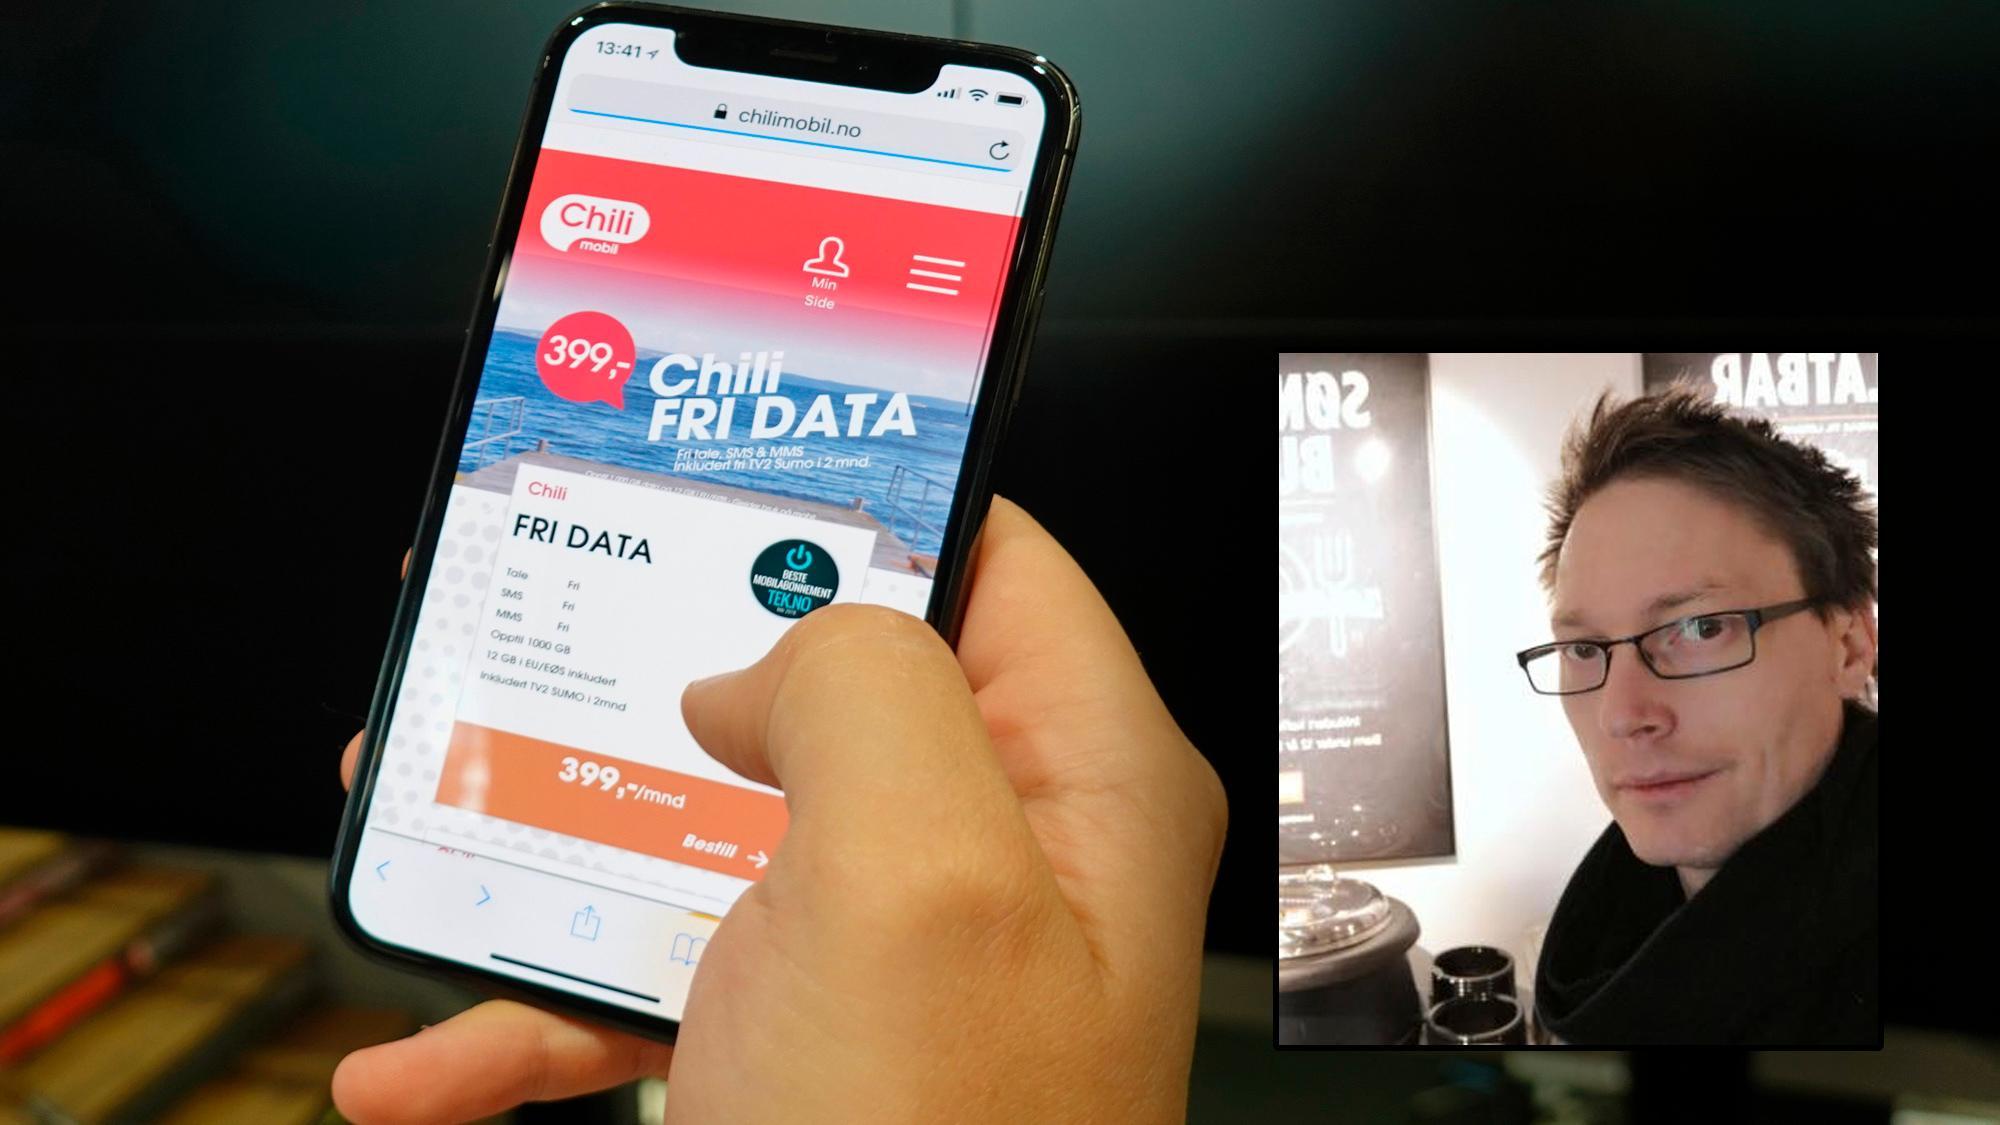 Chilimobil tvinger kunder vekk fra Fri Data. – Et ekstremt forbruk, sier Chili-sjefen